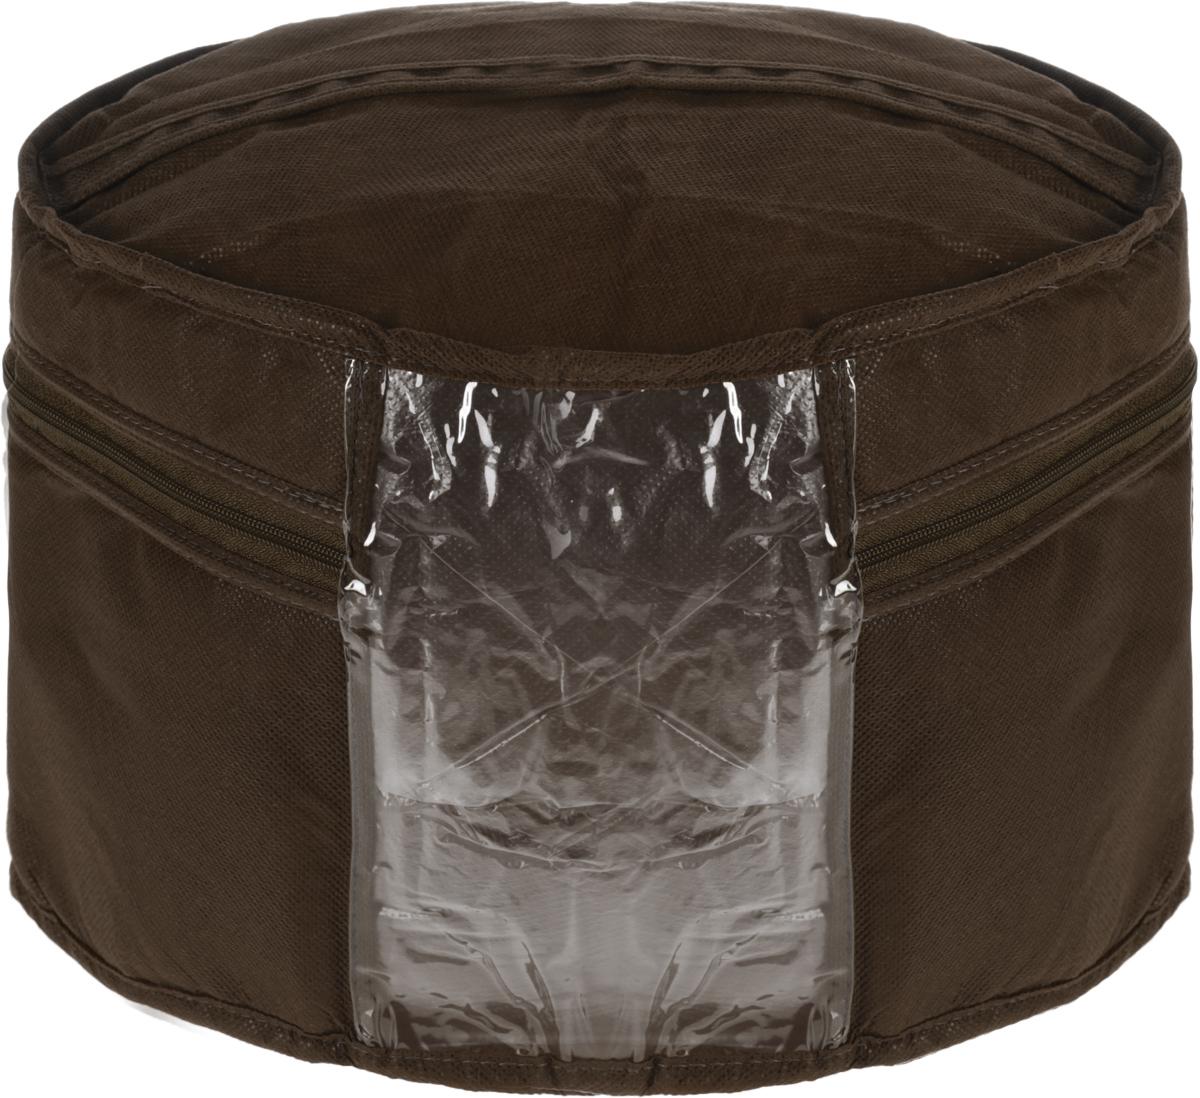 Кофр для головных уборов Все на местах Minimalistic, цвет: темно-коричневый, 35 х 20 см1012049.Кофр для головных уборов Все на местах Minimalistic изготовлен из сочетания спанбонда и ПВХ. Дышащая ткань позволяет вещам проветриваться, но препятствует проникновению пыли и насекомых. В стенках уплотнитель, что позволяет кофру держать форму. Прозрачная вставка из ПВХ позволяет видеть, чтовнутри. Модель снабжена удобной ручкой и надежной молнией.Размеры: 35 х 20 см.